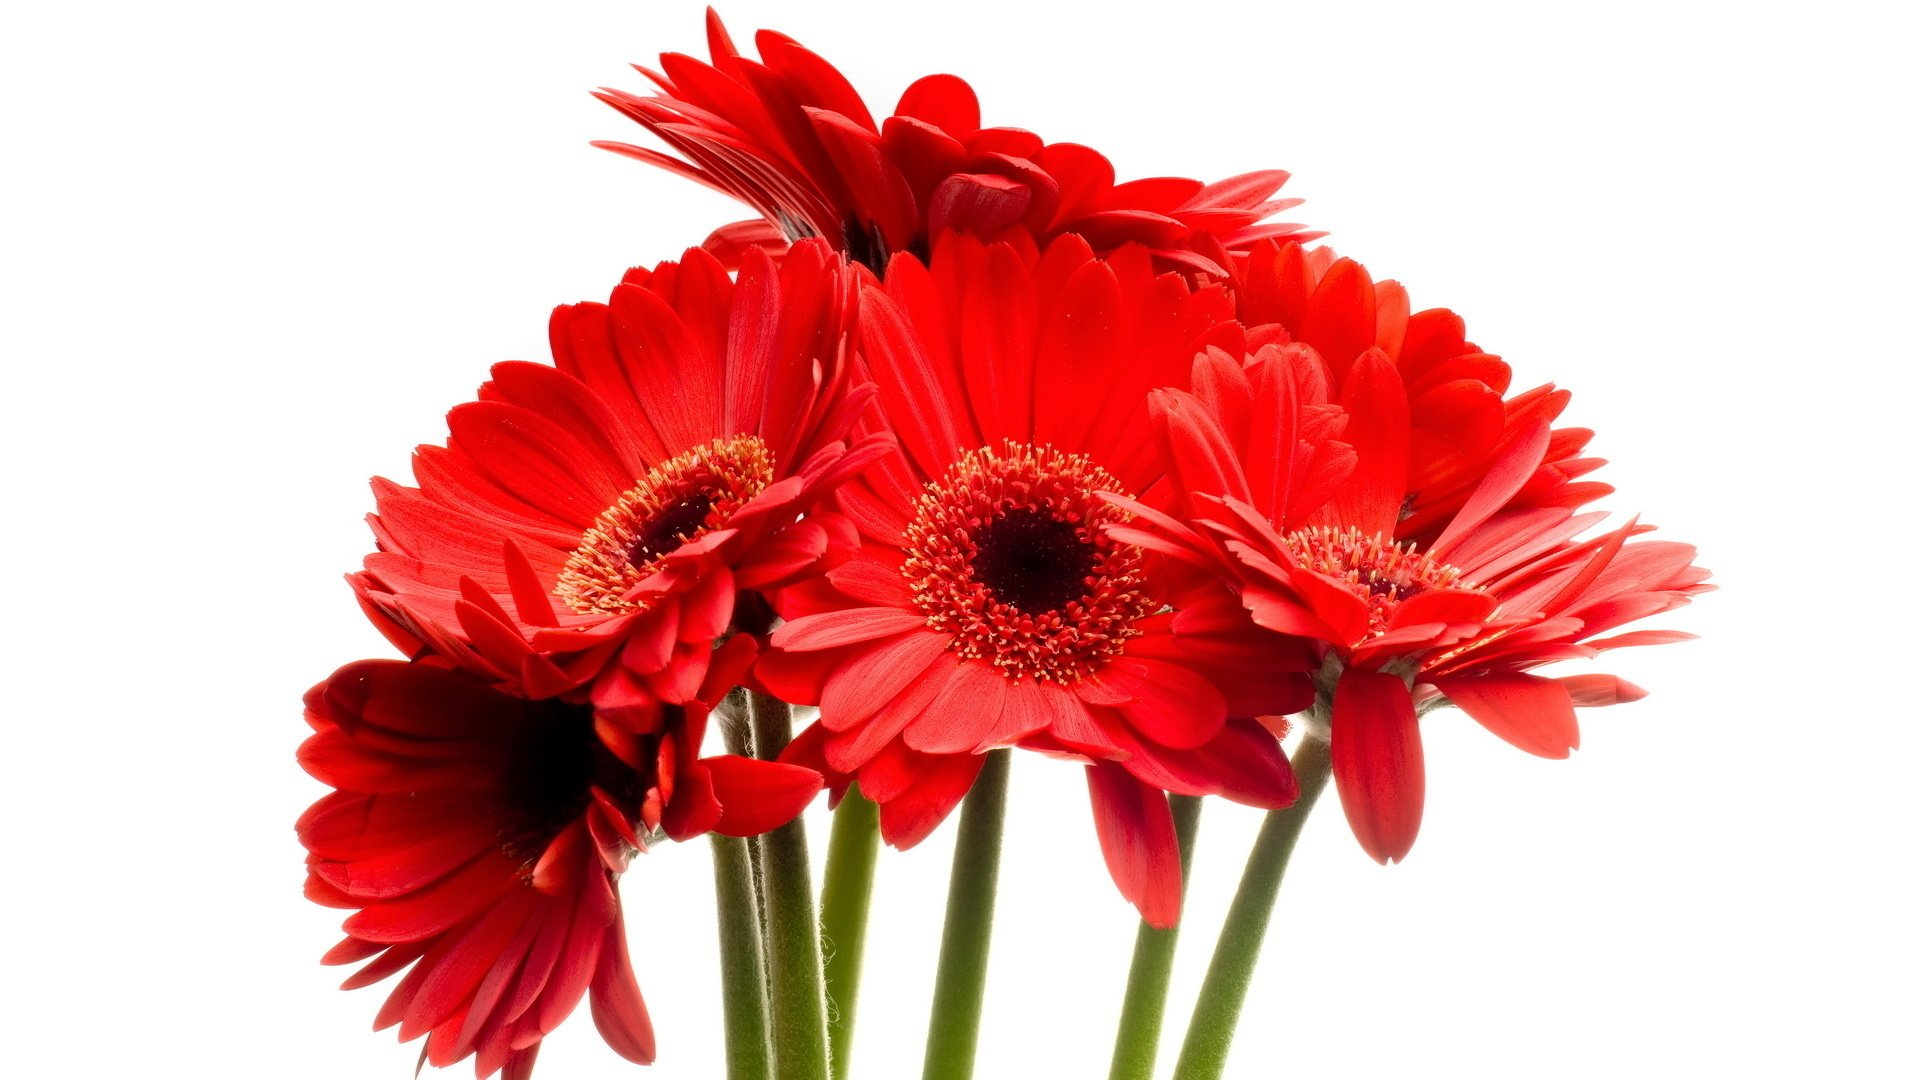 beautiful red daisy gerbera close up rose flower beautiful red